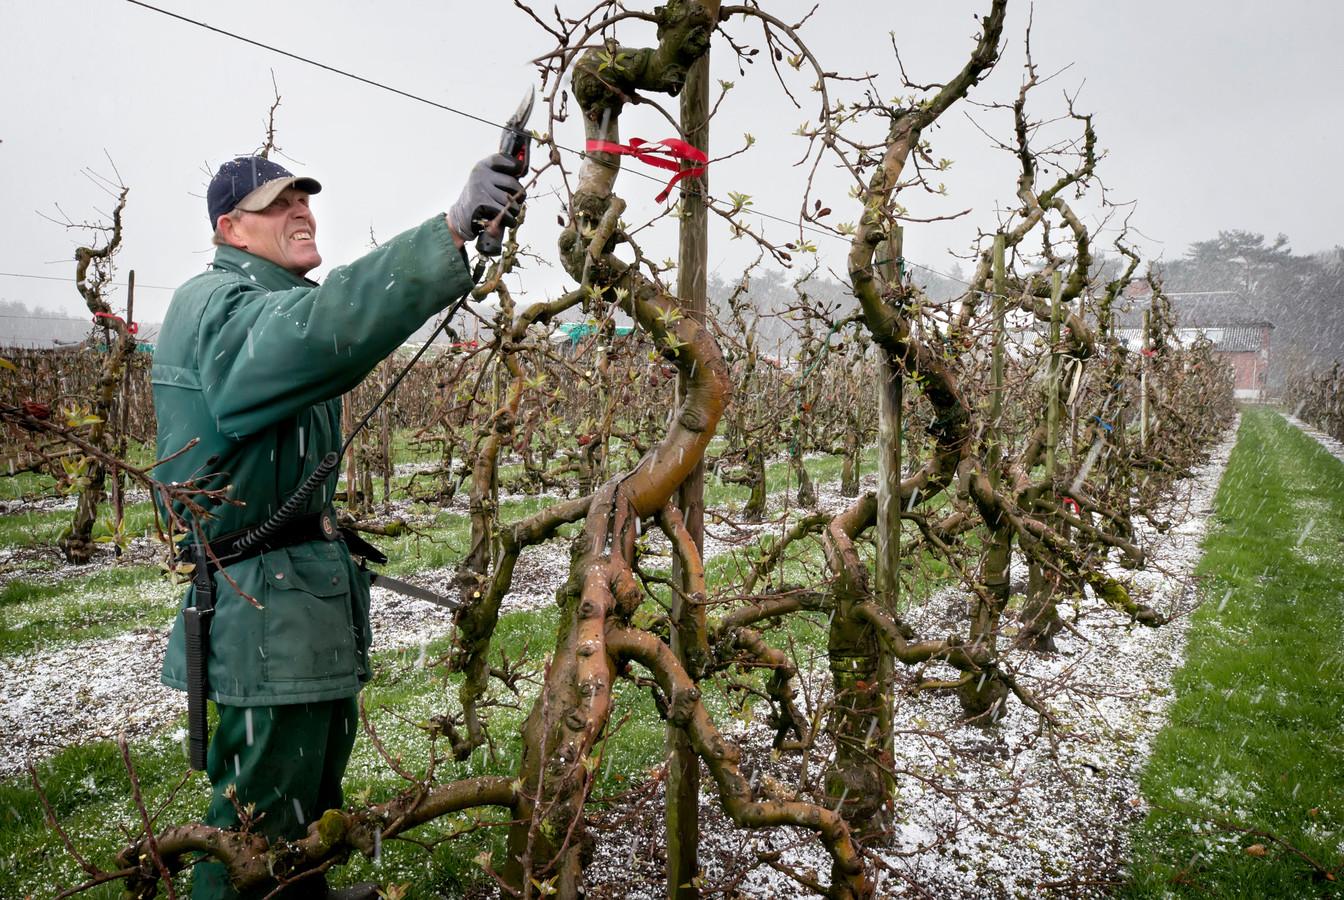 Piet Thijsse, medewerker van Fruitkwekerij De Braacken, snoeit de appelbomen in de sneeuw: zeldzaam.